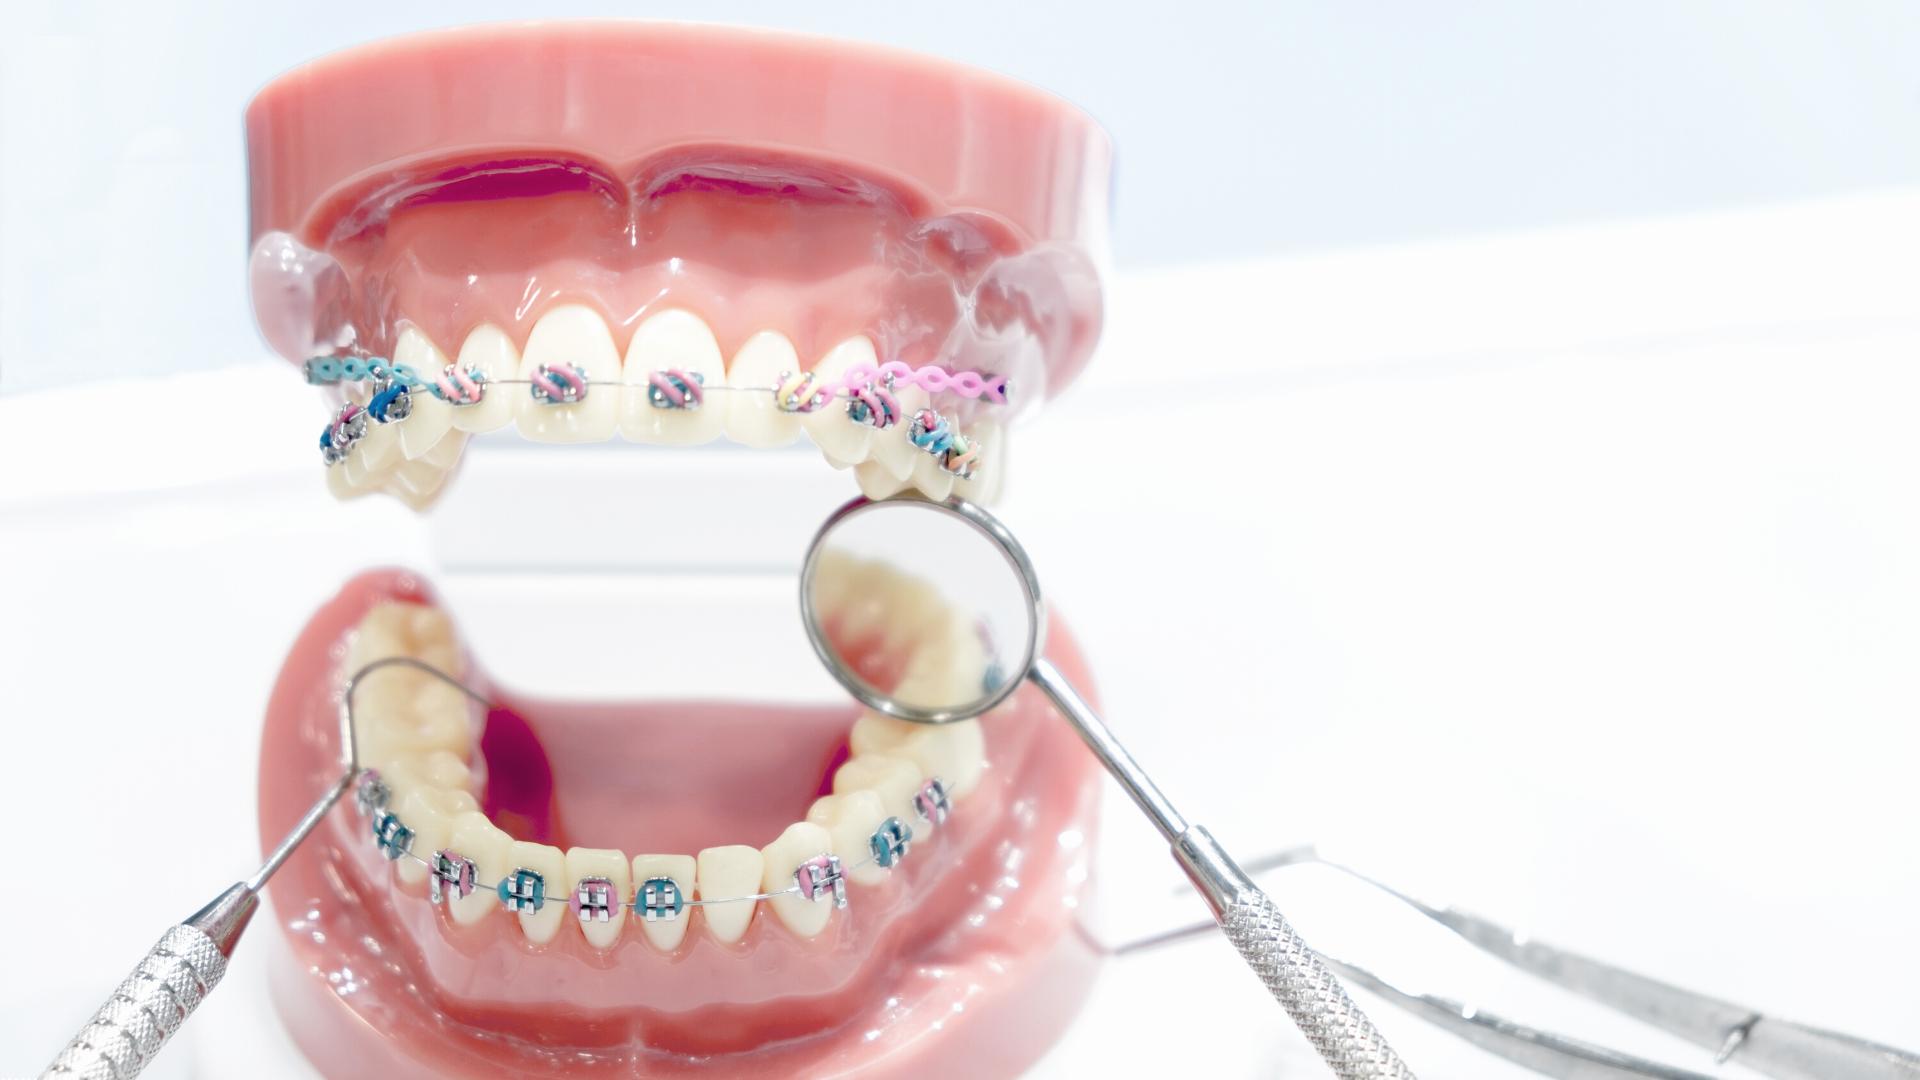 Diferencia entre odontólogo y ortodoncista